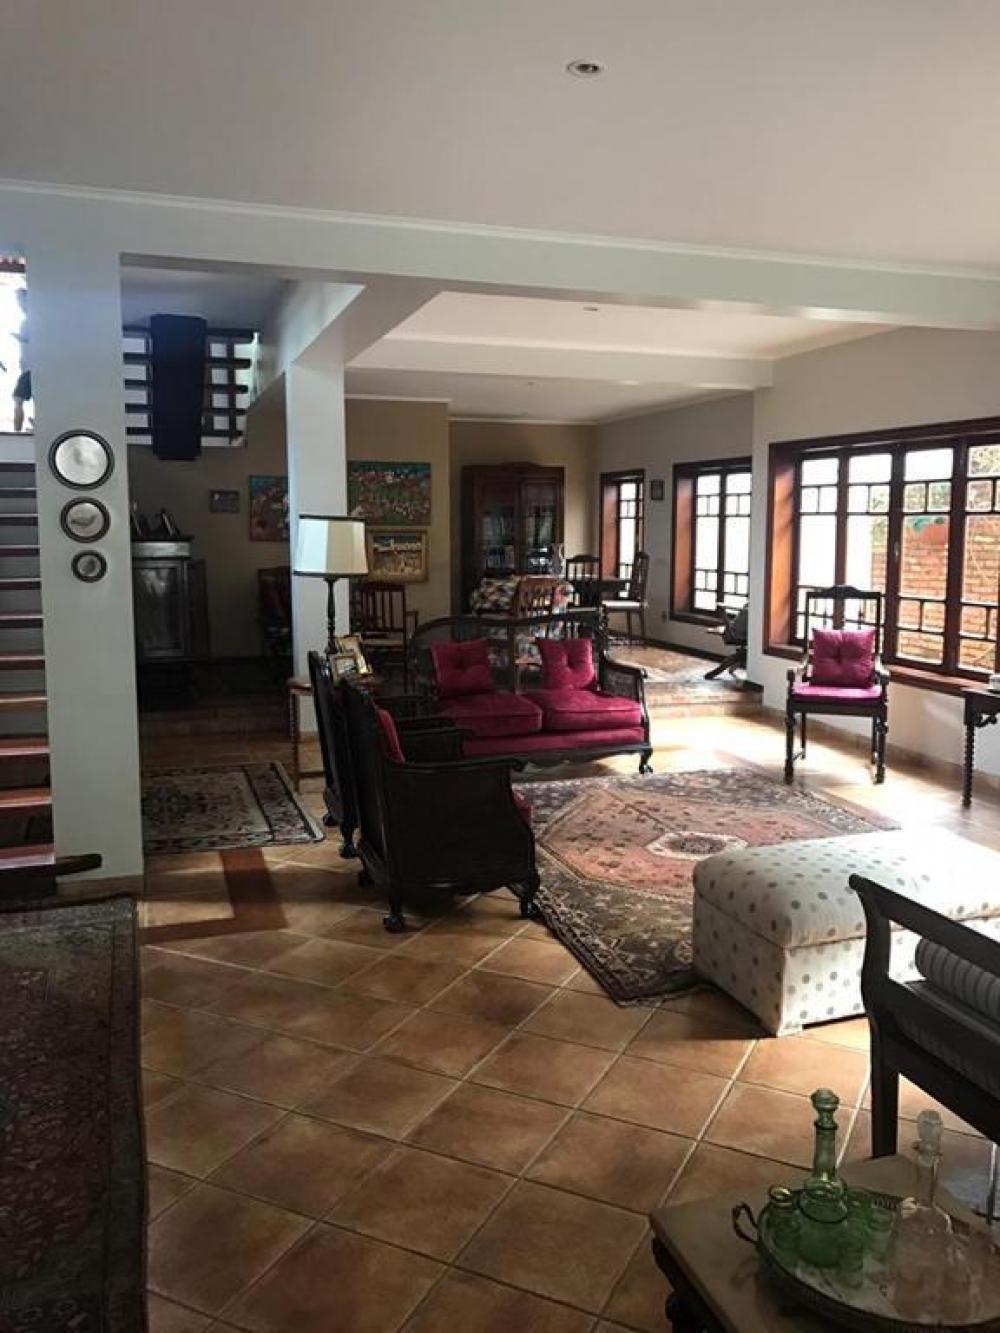 Comprar Casa / Condomínio em São José do Rio Preto apenas R$ 3.000.000,00 - Foto 13